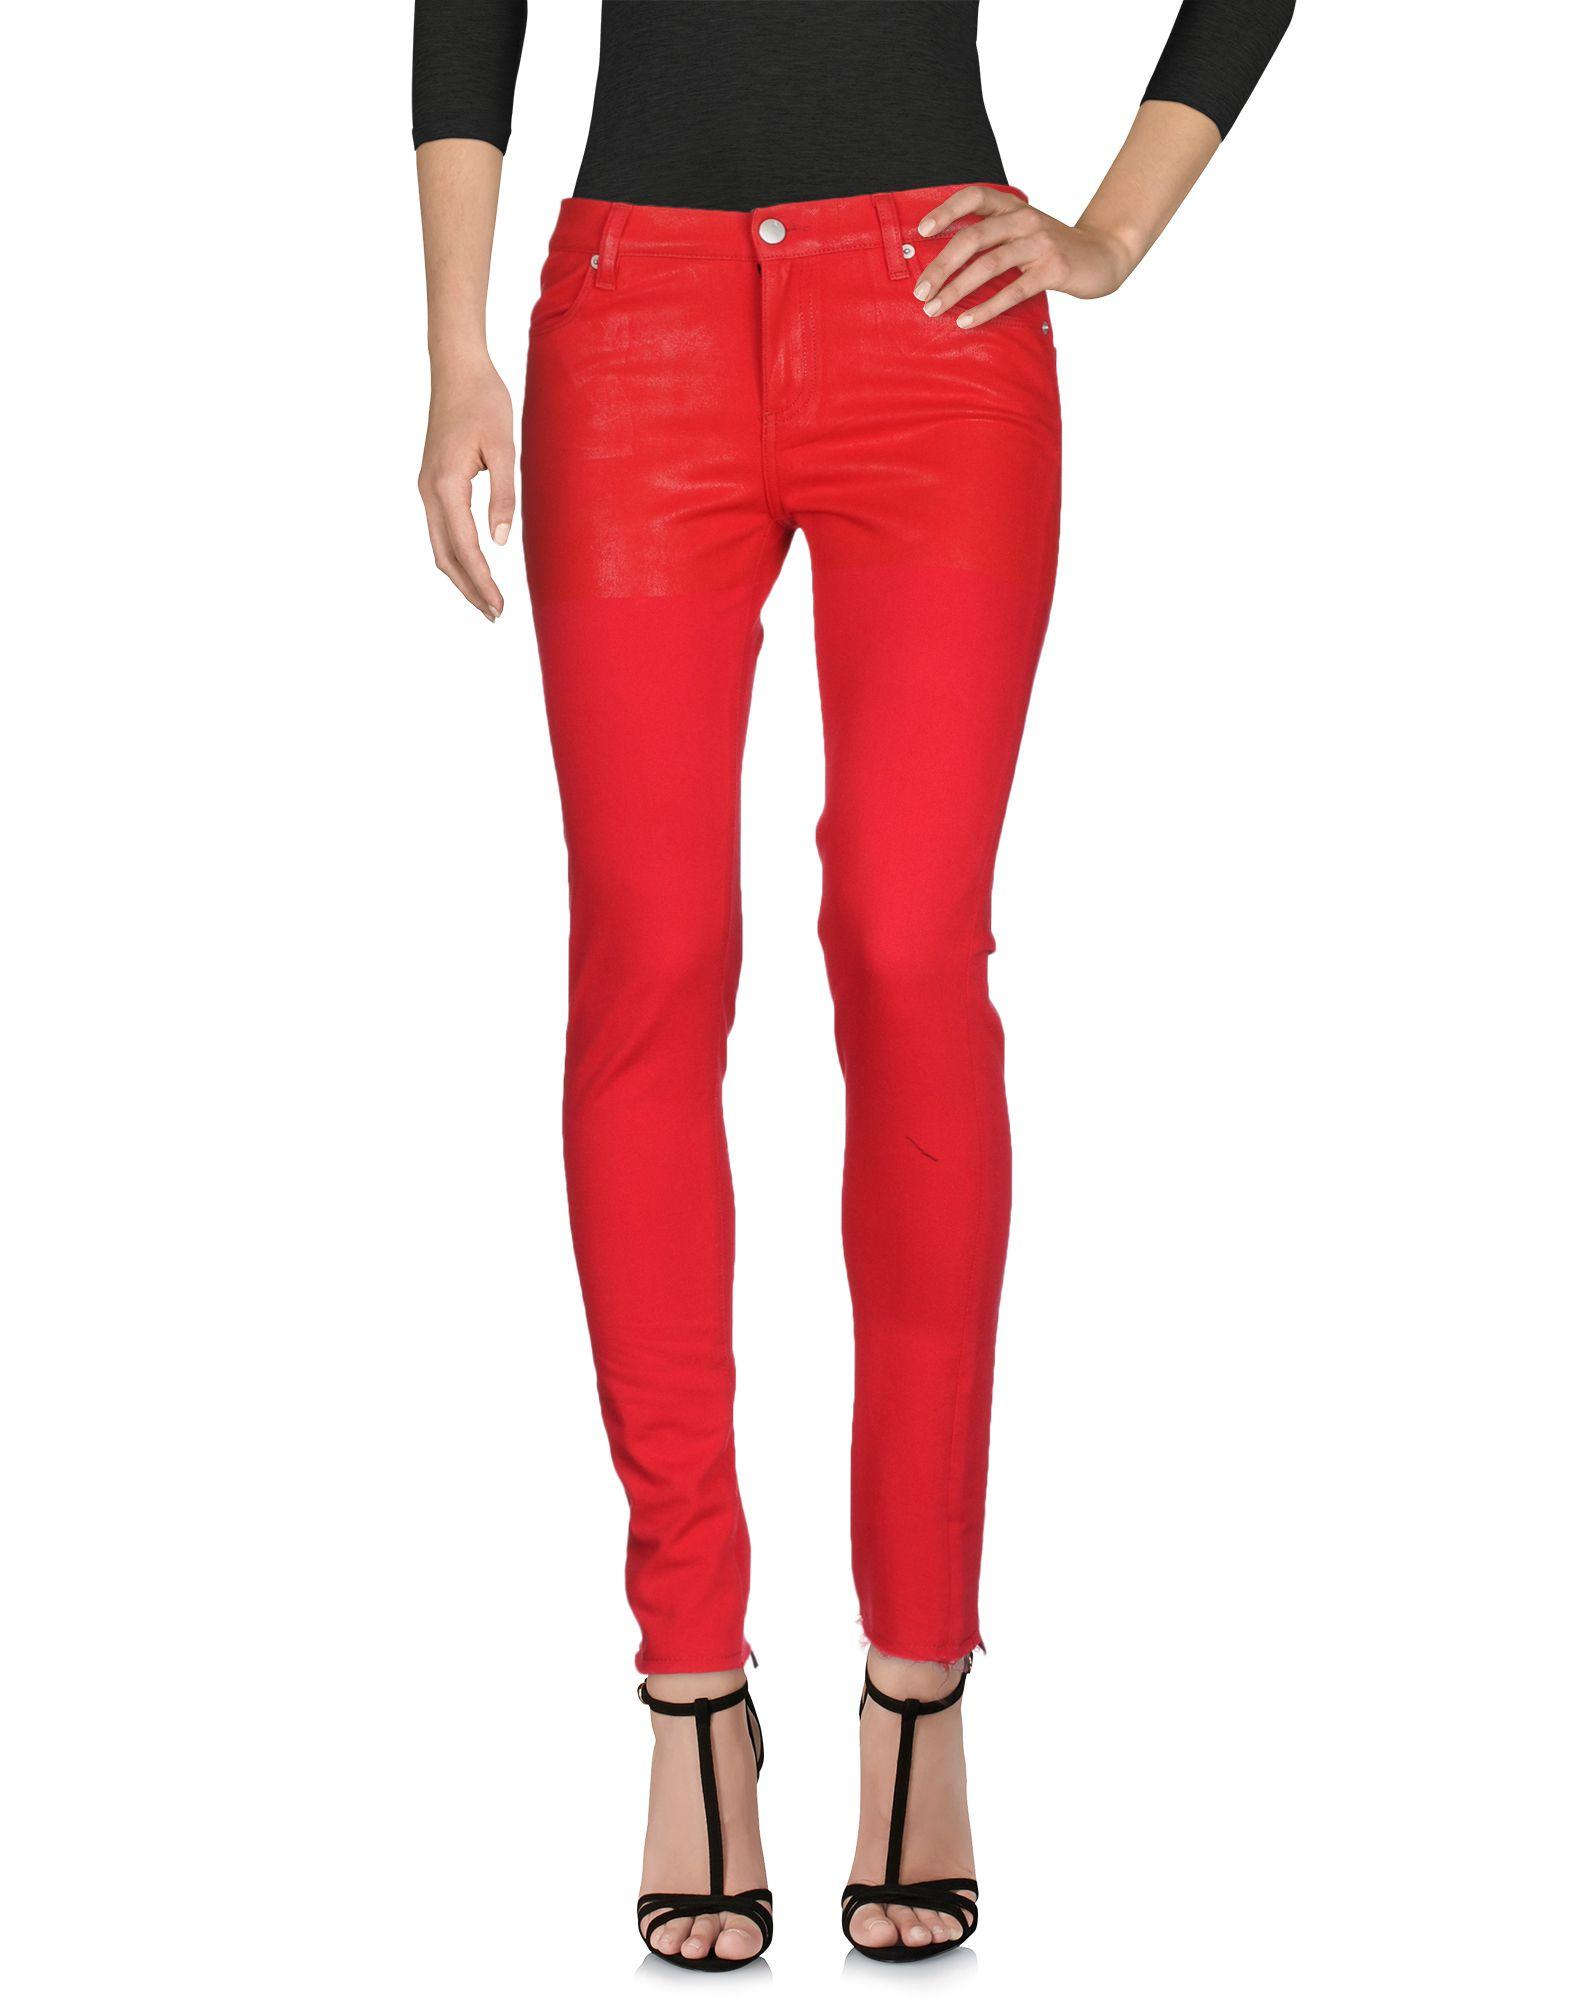 Pantaloni Jeans Alyx donna donna - 42669489EI  billig und hochwertig